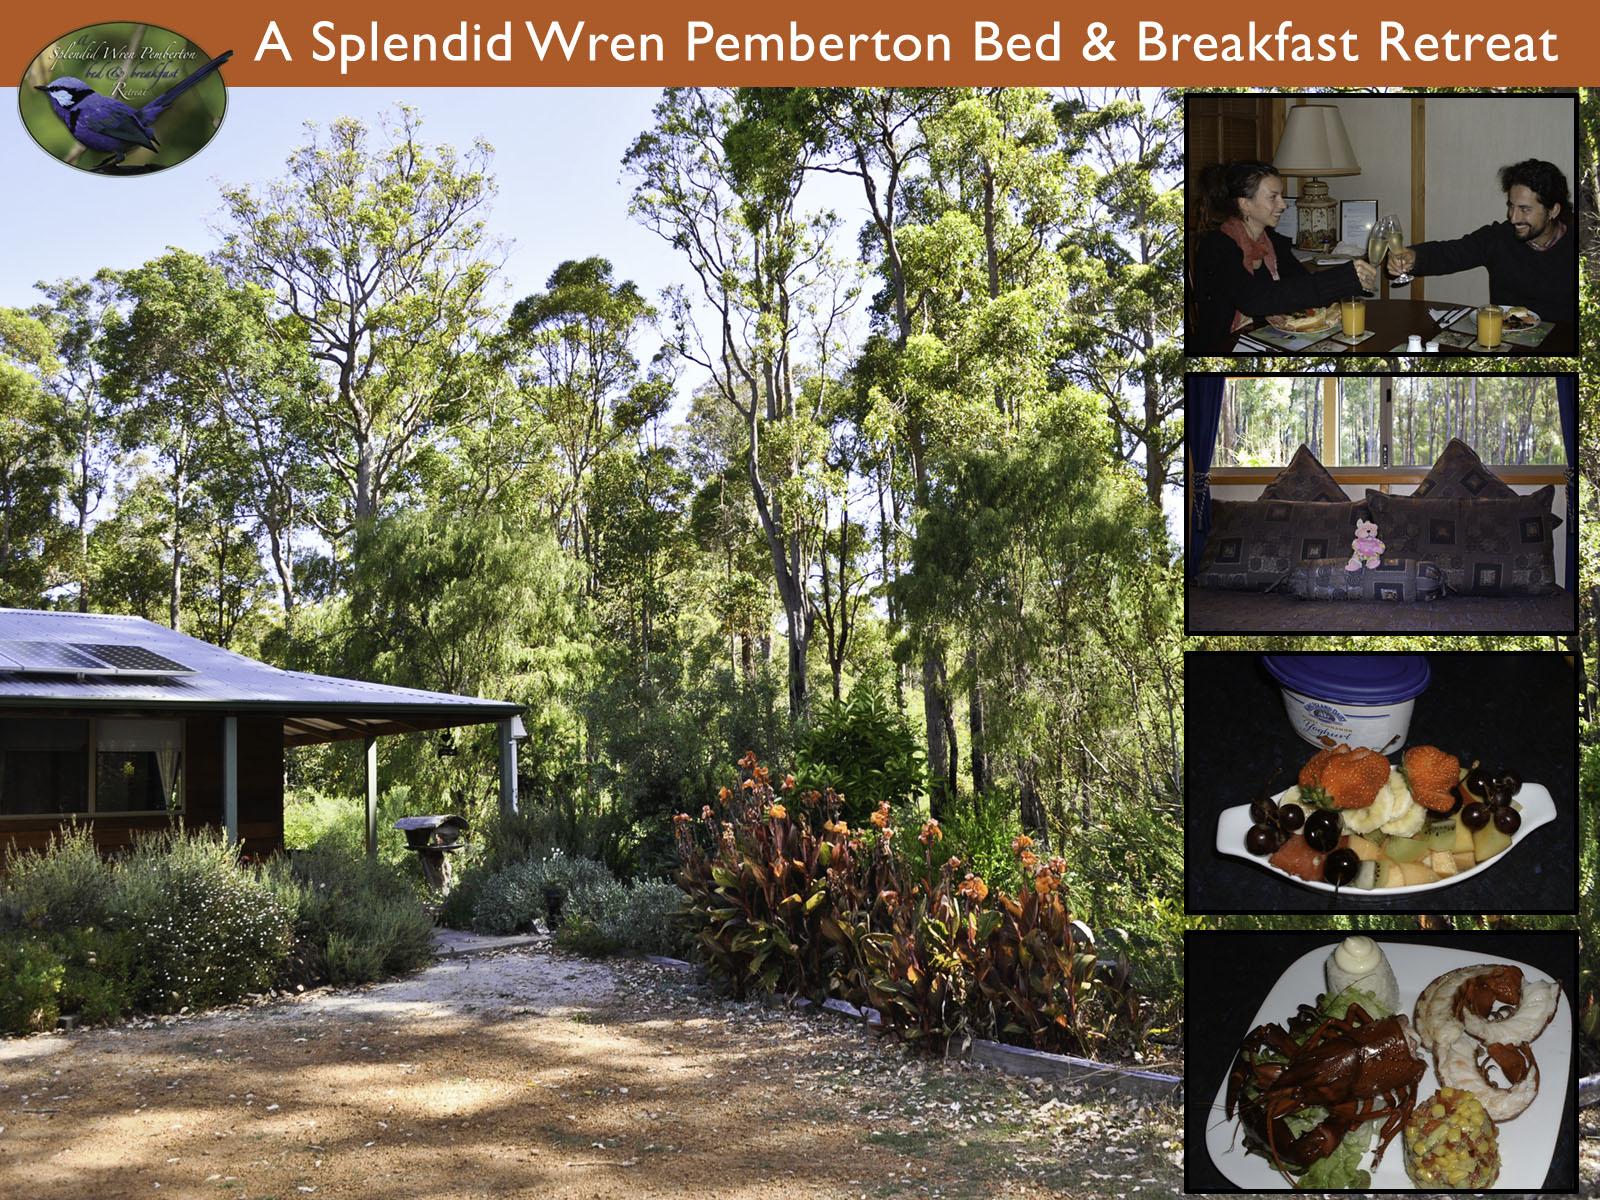 A Splendid Wren Pemberton Bed & Breakfast Retreat